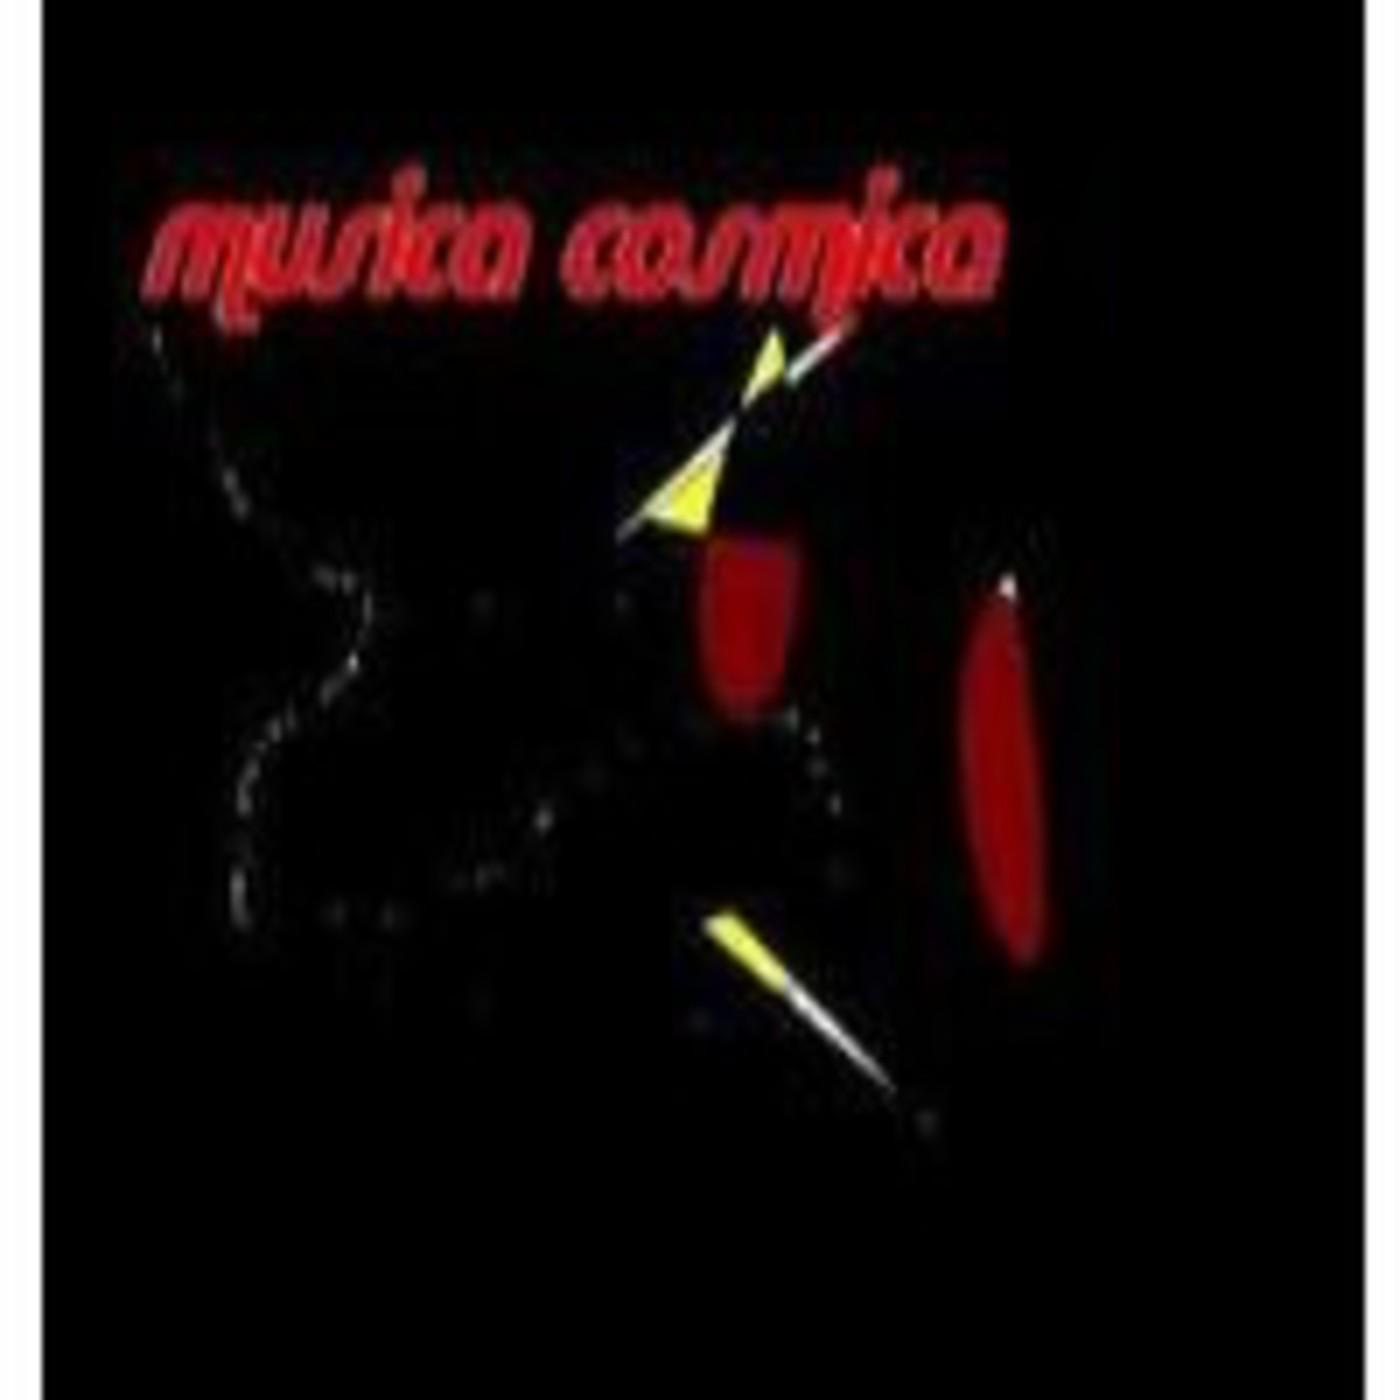 Lunes 30 de junio de 2.014: marcos sendarrubias (presentando big city lights)/ susana guerrero (presentando ladybillies)